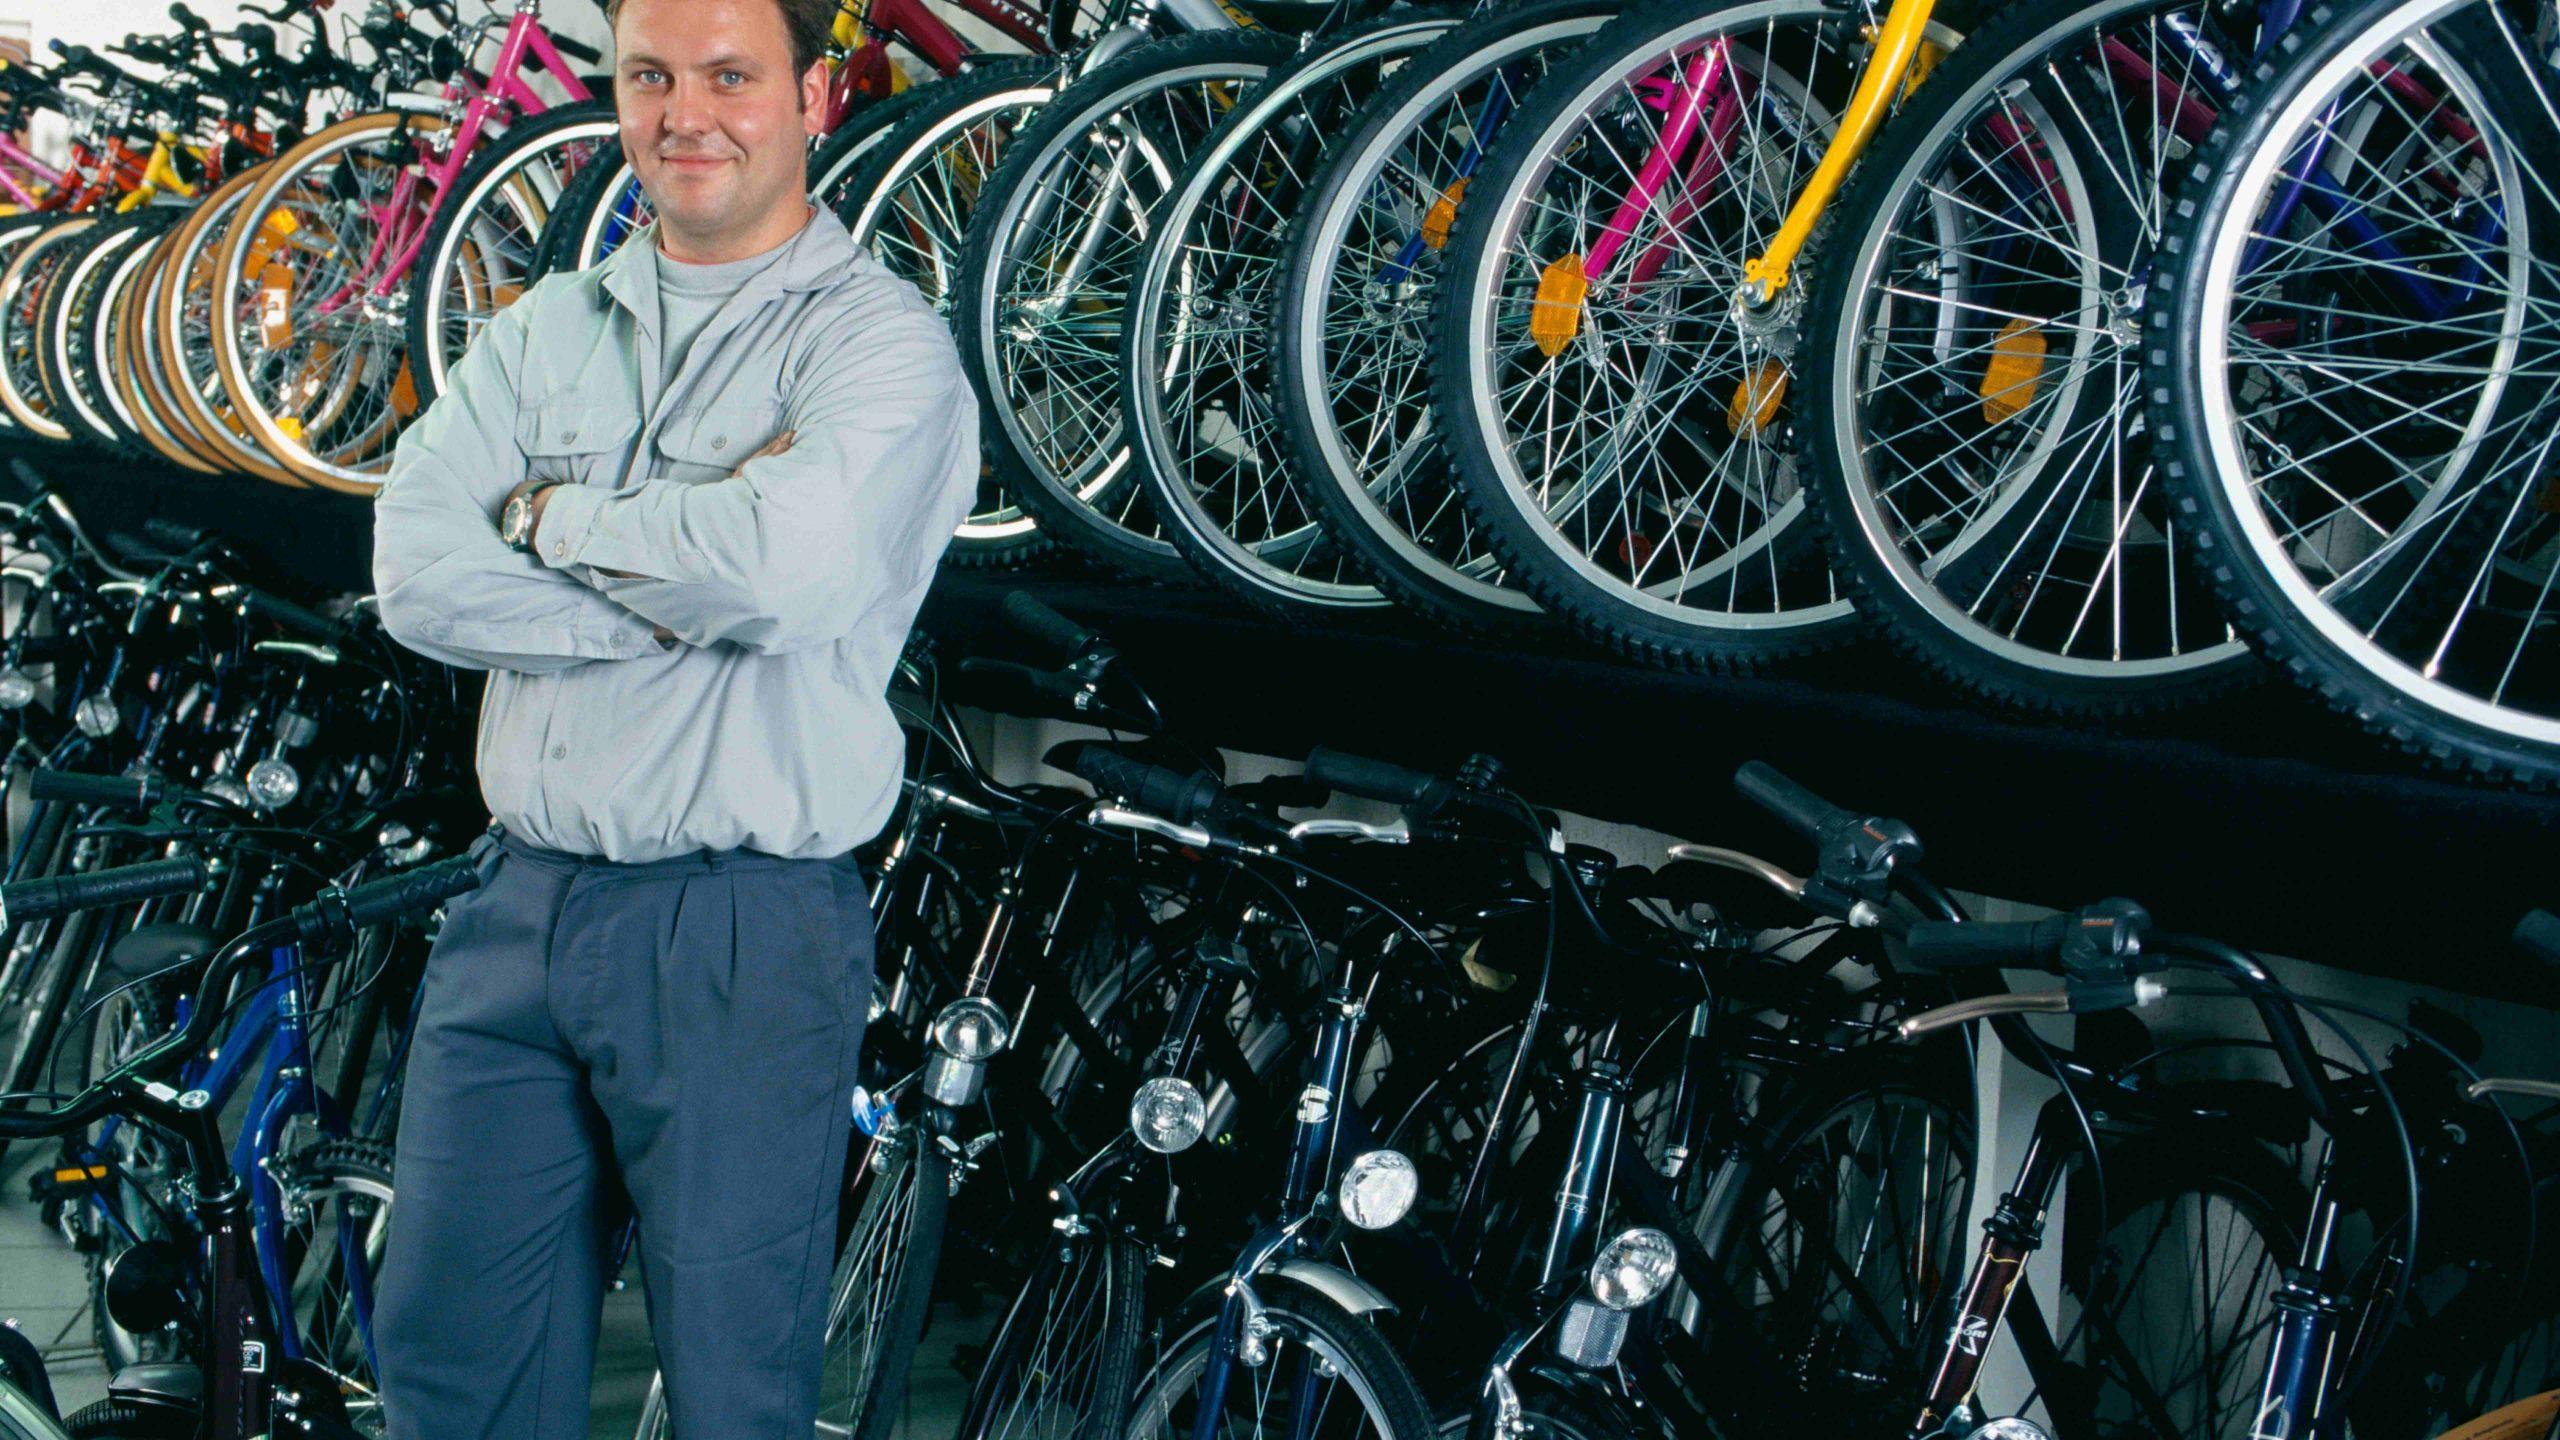 Tiendas de venta de bicicletas en Aranjuez